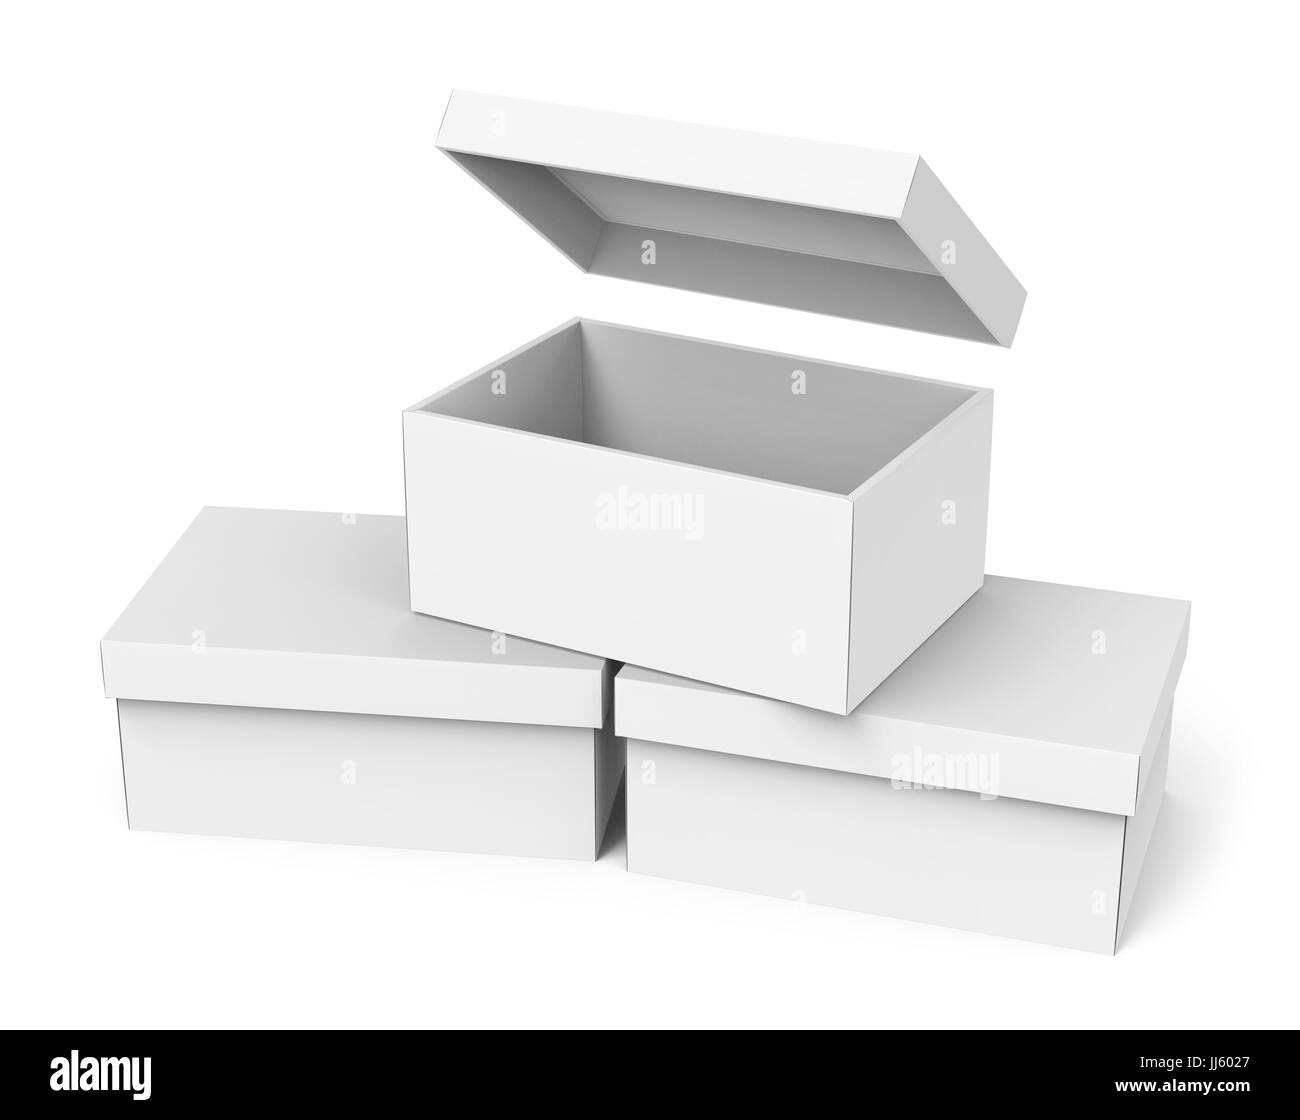 Groß Runde Box Vorlage Galerie - Entry Level Resume Vorlagen ...